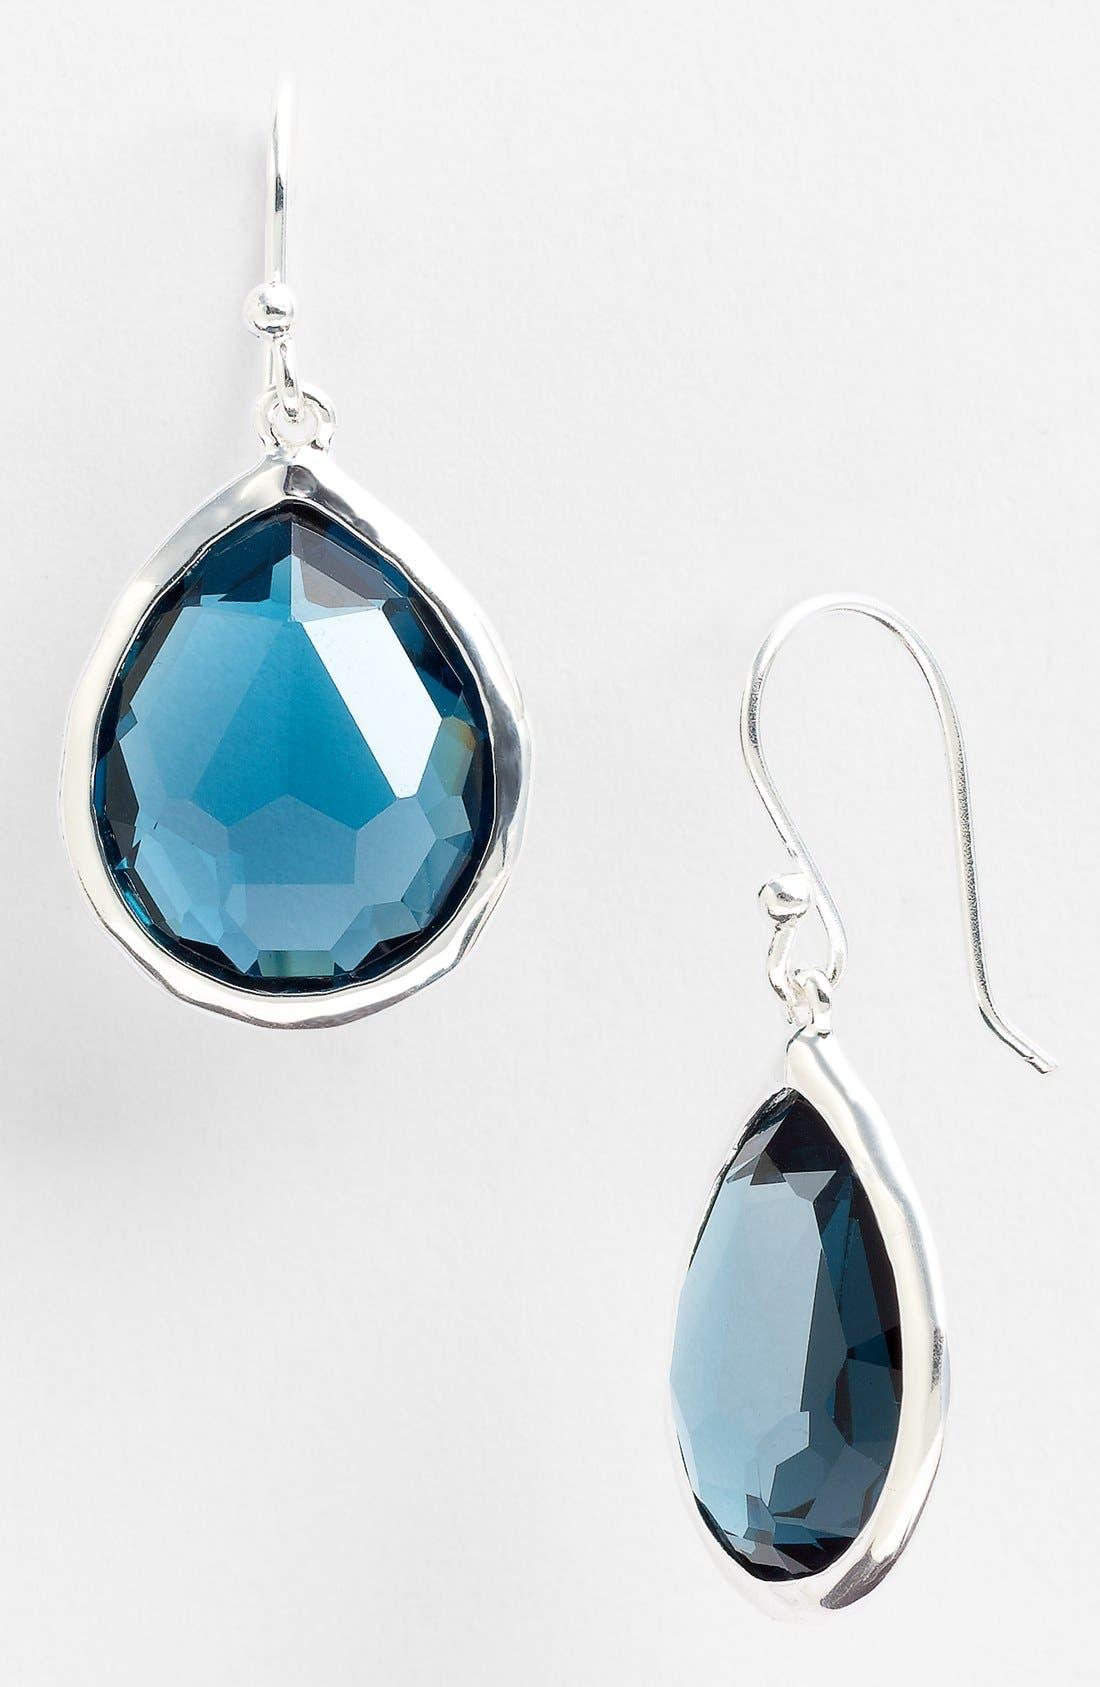 Alternate Image 1 Selected - Ippolita 'Wonderland' Teardrop Earrings (Online Only)